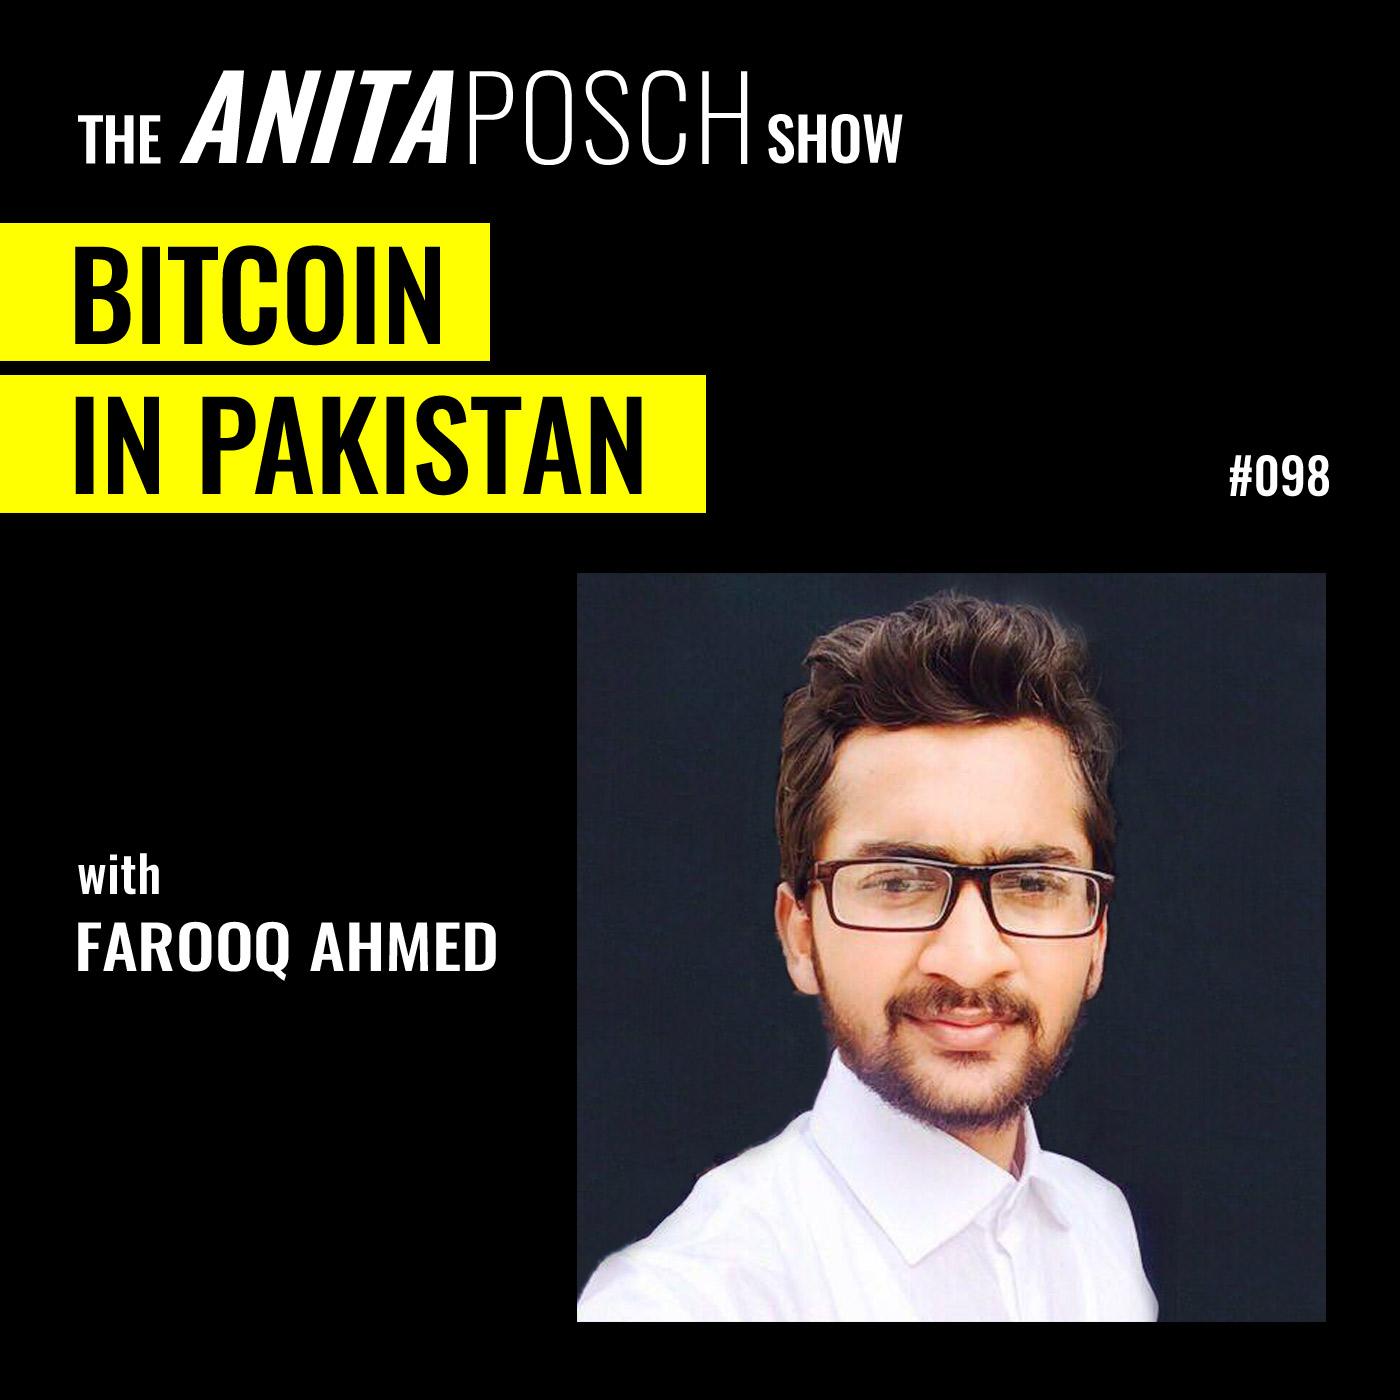 Farooq Ahmed: Bitcoin in Pakistan